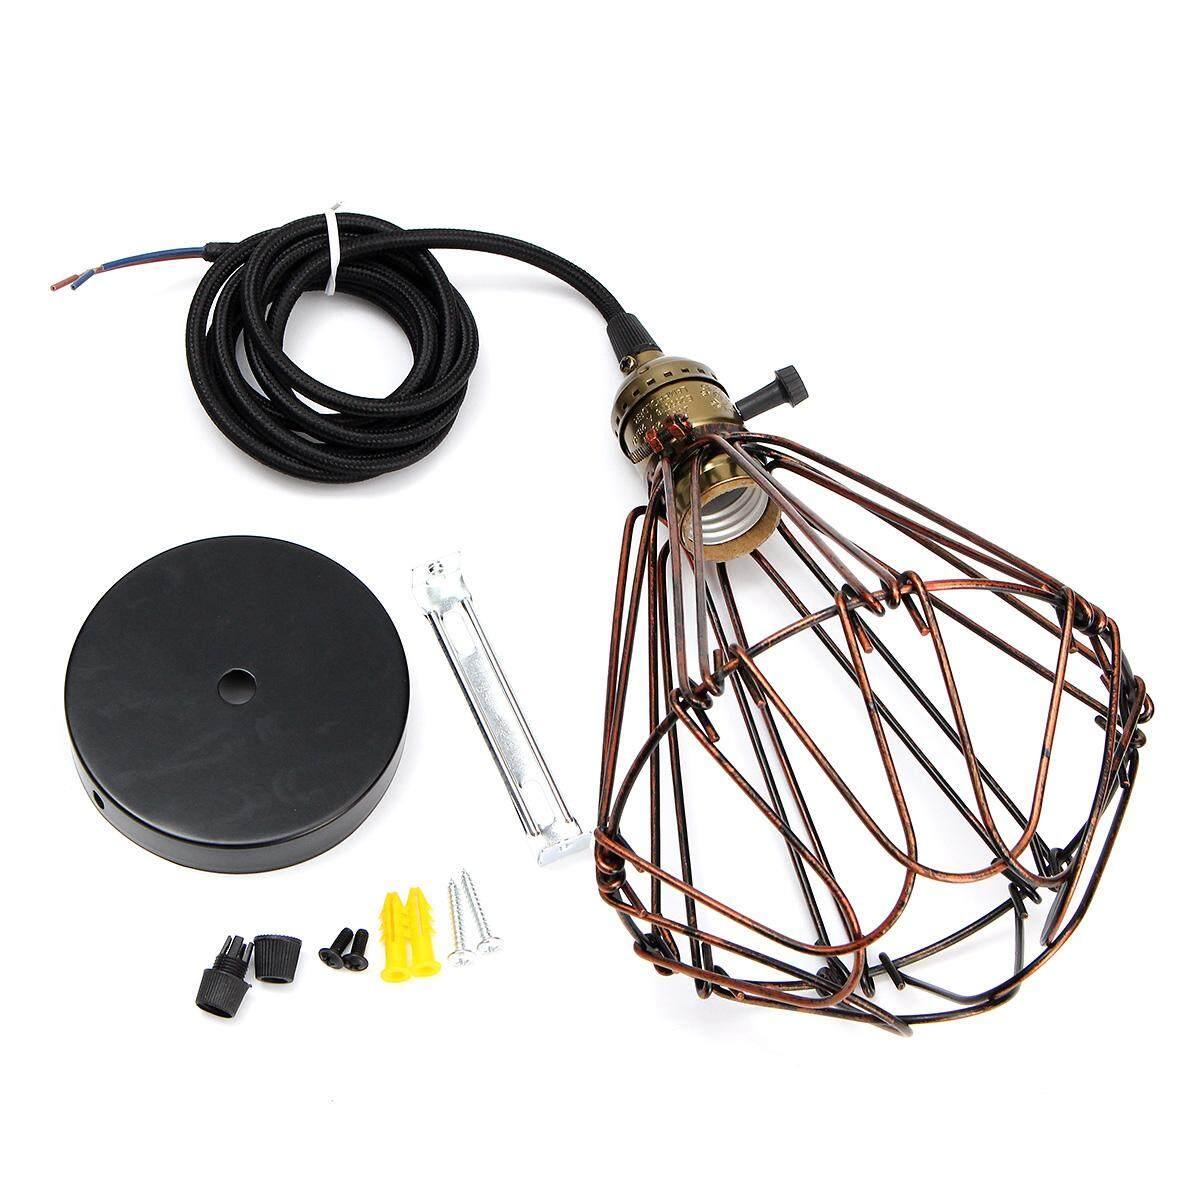 วินเทจอุตสาหกรรม Retro Dimmable E27 โคมไฟแขวนเพดานโคมไฟระย้า (สีน้ำตาล) - Intl.